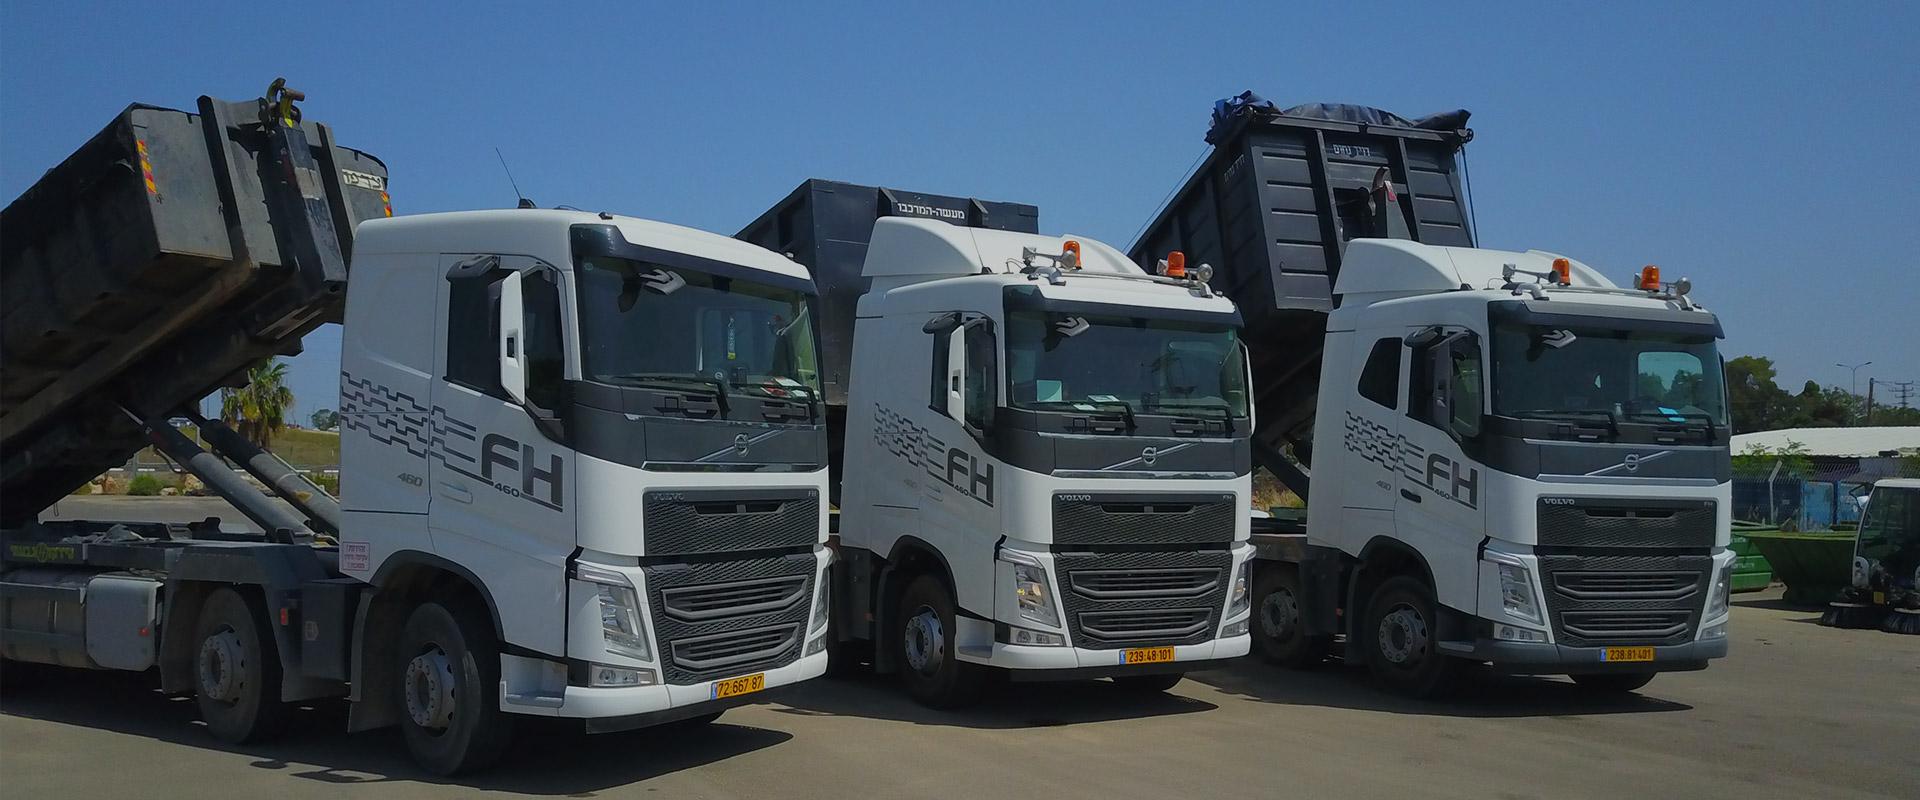 3 משאיות פינוי פסולת